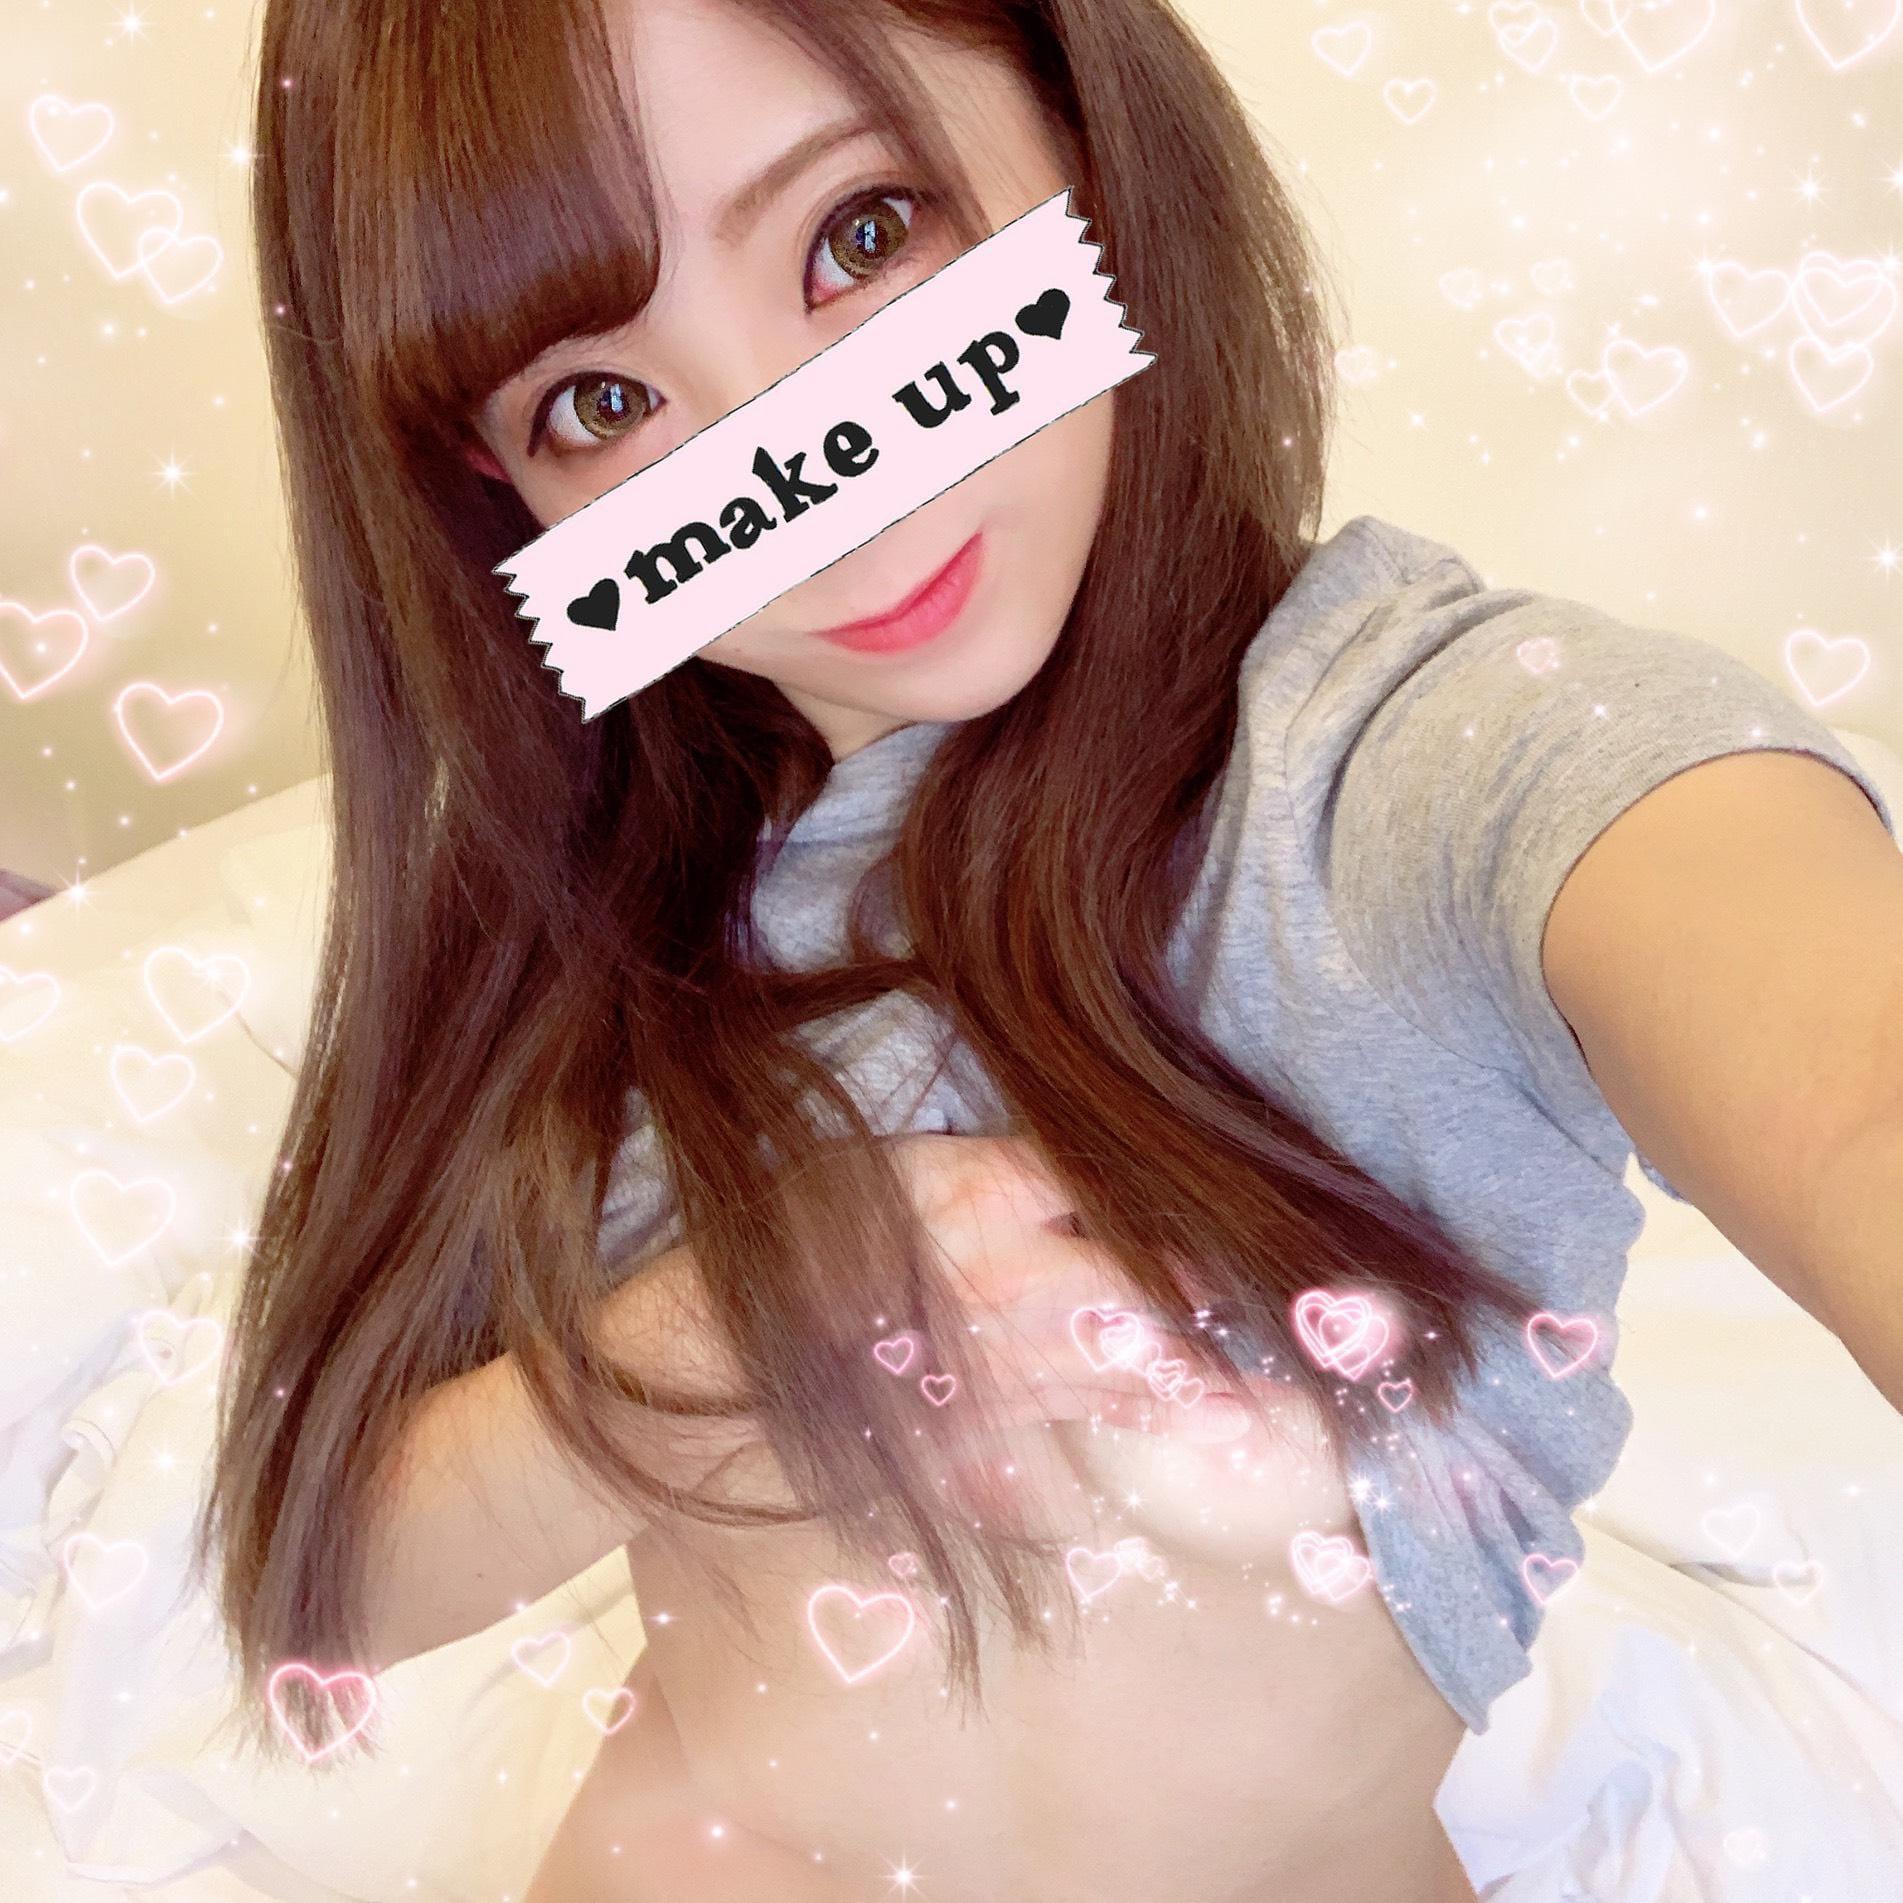 「おはよう4日目」10/21(日) 13:01 | みずほ☆体験入店4日目☆の写メ・風俗動画